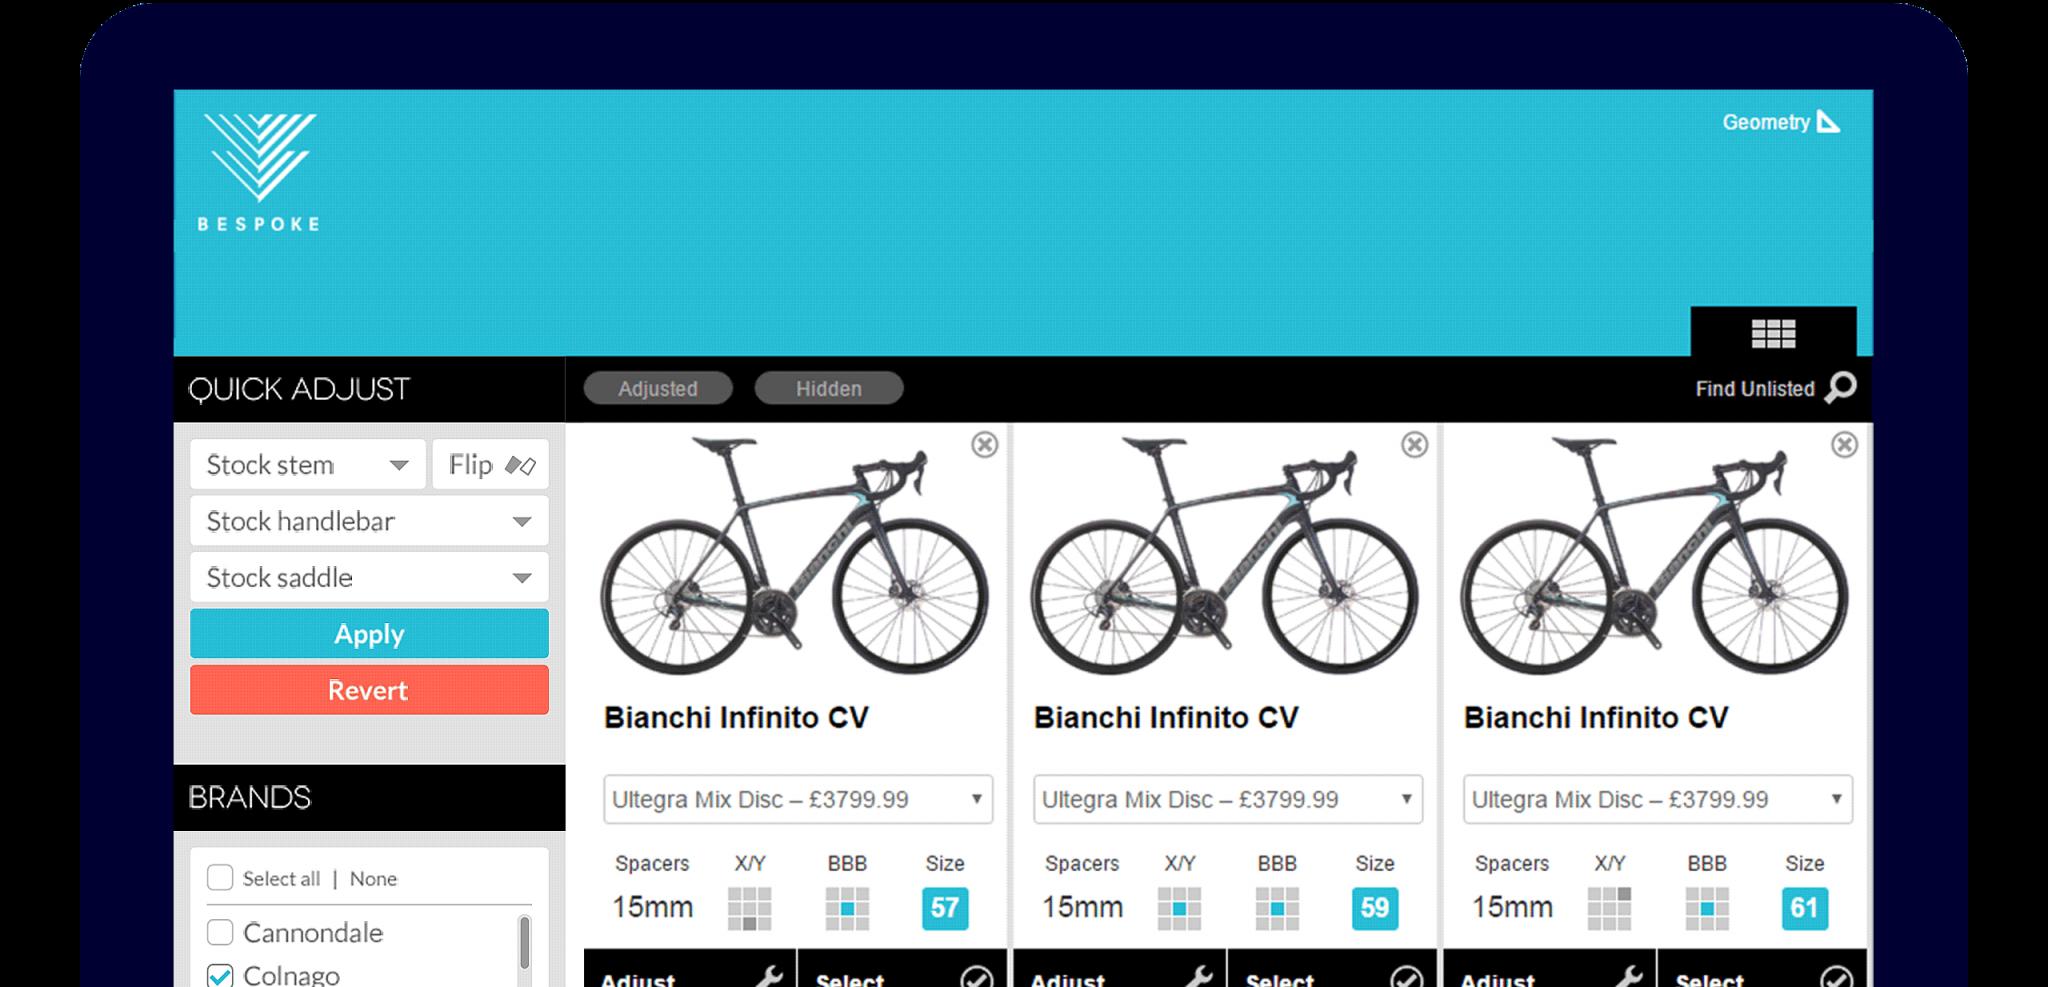 Bespoke 4D fit app